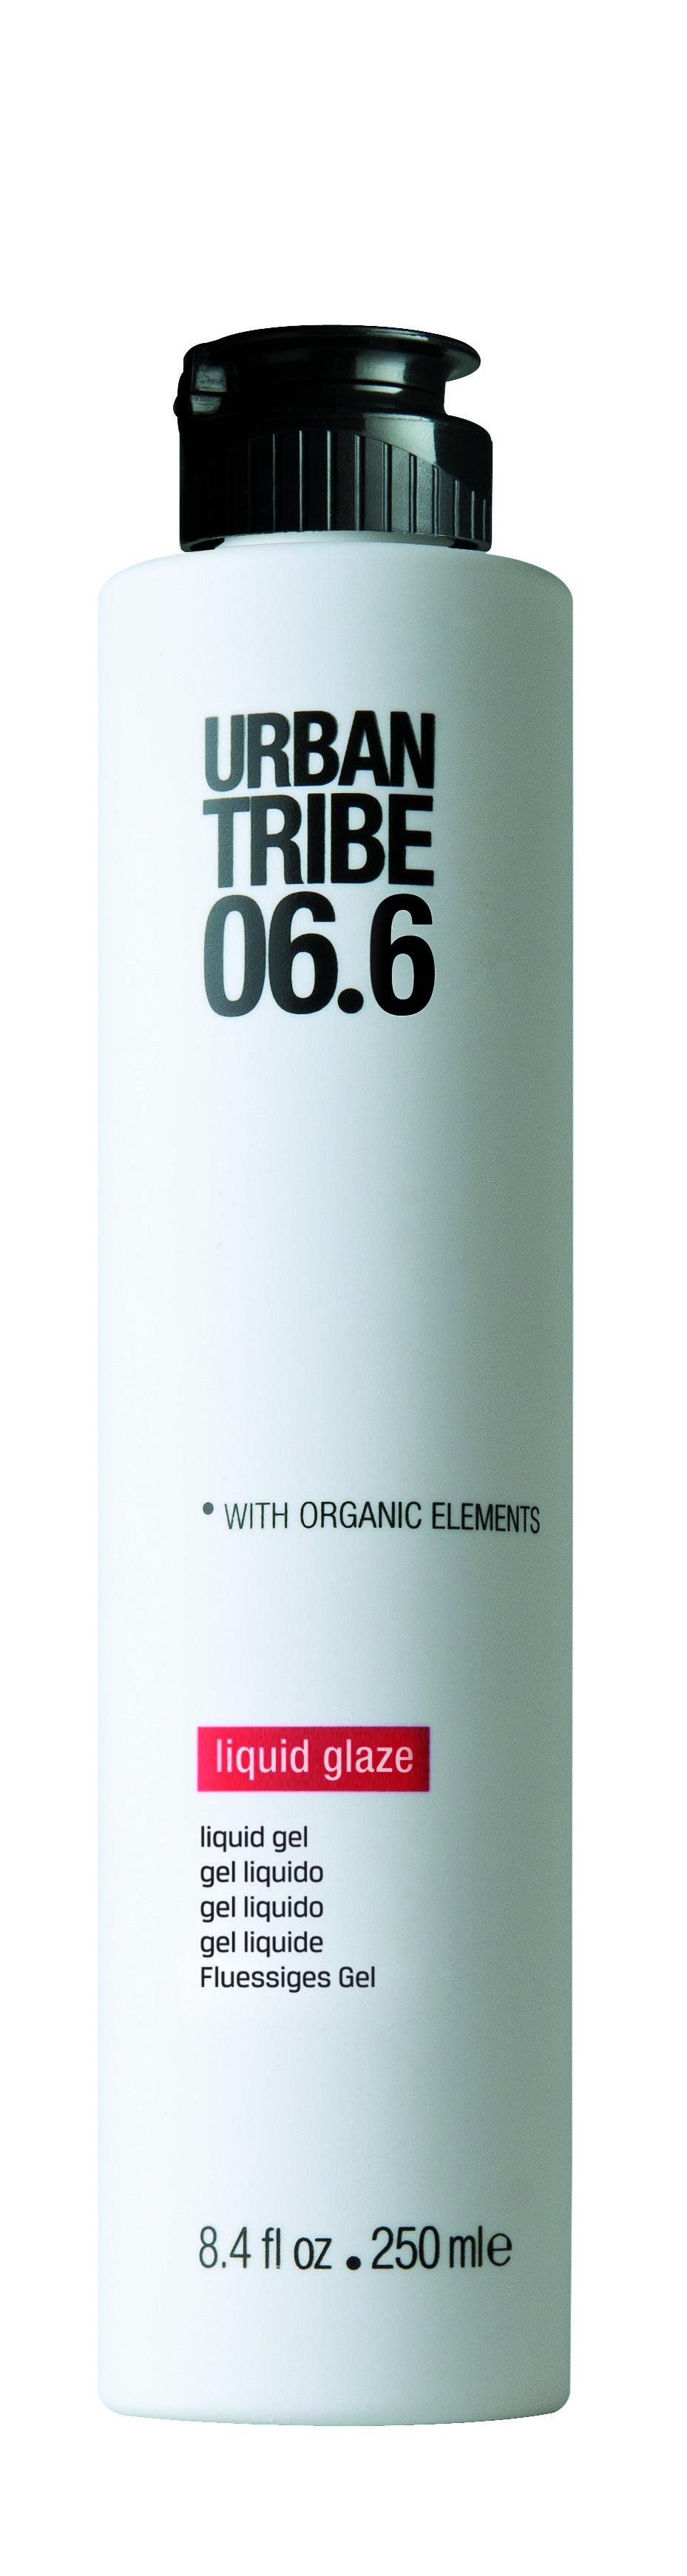 URBAN TRIBE Жидкий гель для моделирования волос 250 мл.MP59.4DПридает оформленность, эластичность и плотность всем типам волос. Очень универсален в использовании, идеально подходит для укладки кудрявых или прямых волос, феном или руками. Средняя фиксация, устойчивая к влажности.